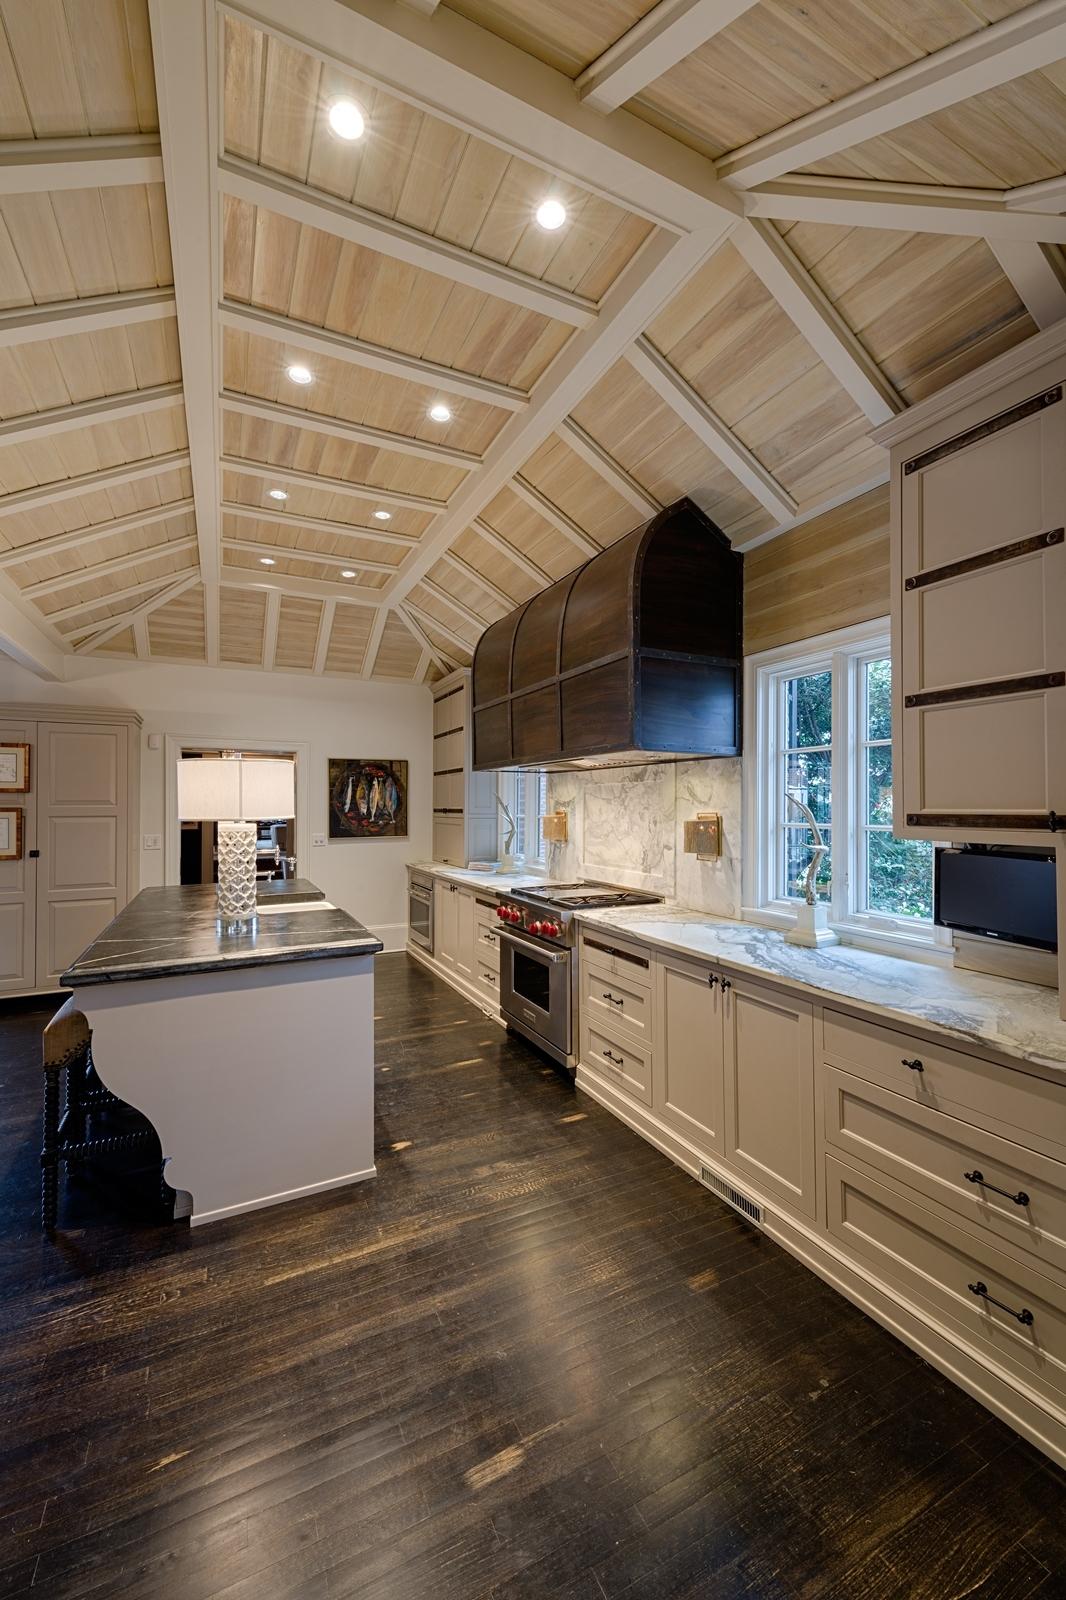 Кухни бело лавандовый цвет фото тяжёлый клинок